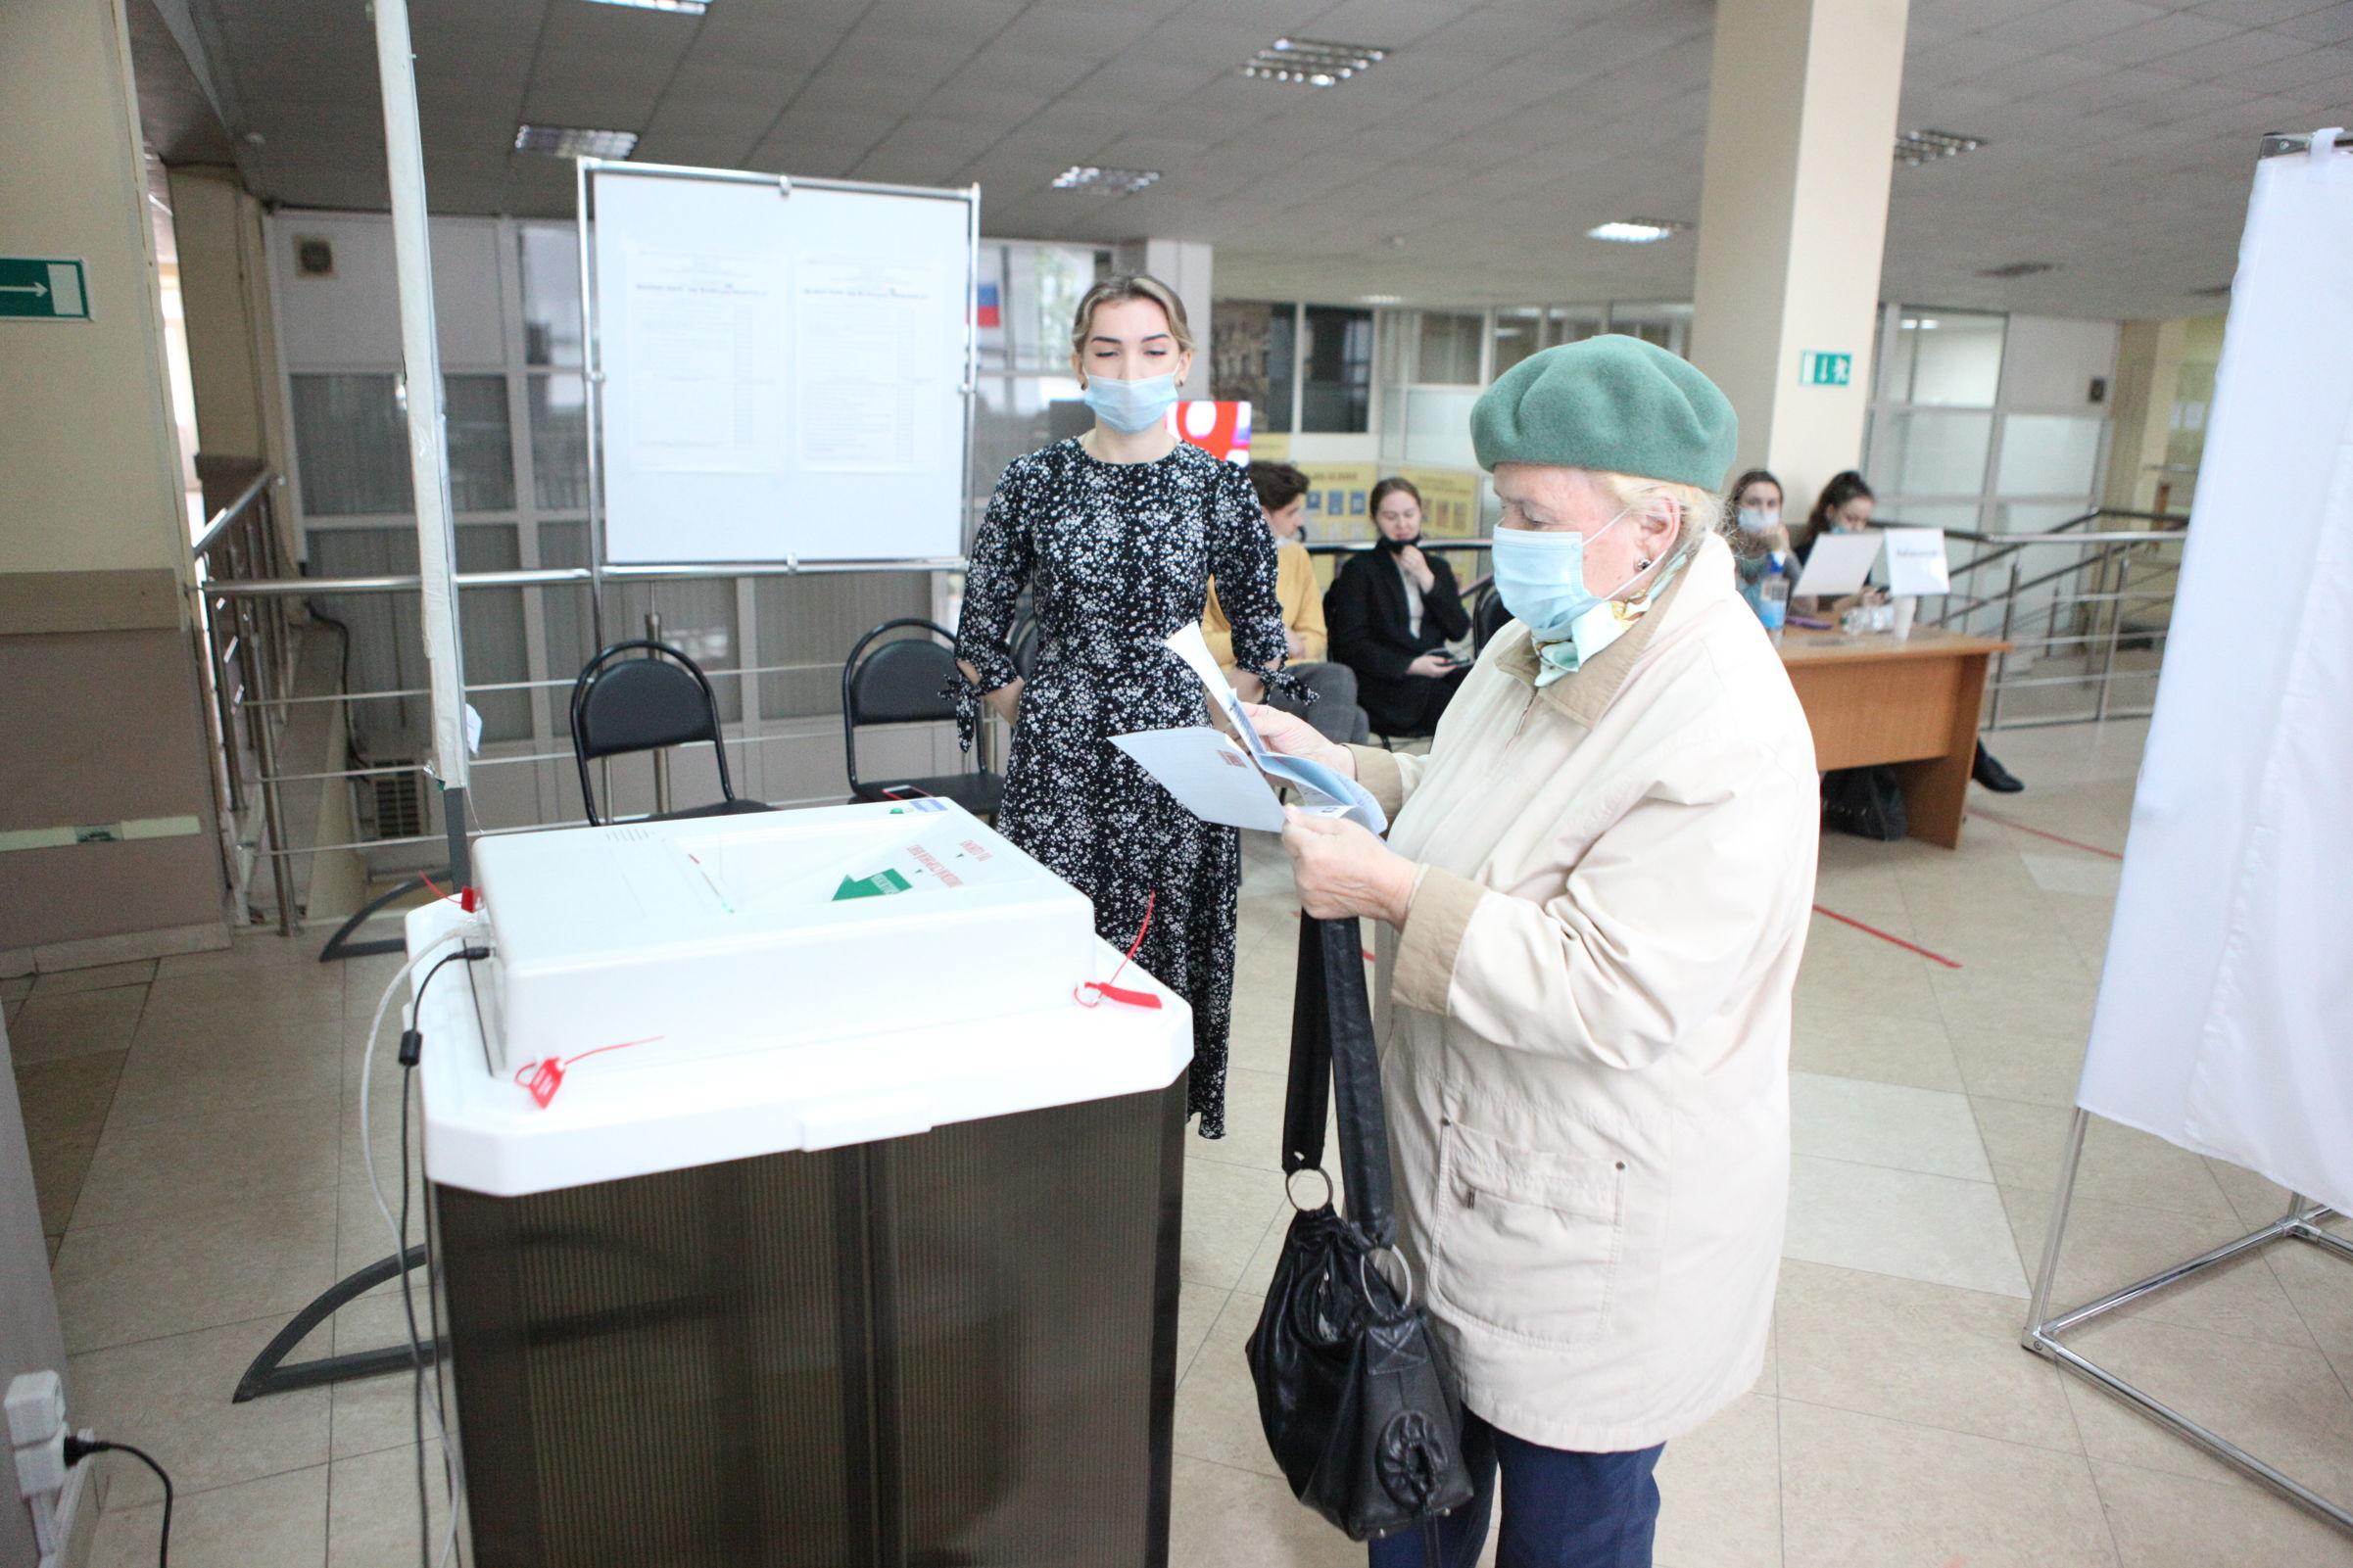 На всех избирательных участках Ярославской области во время выборов велось видеонаблюдение